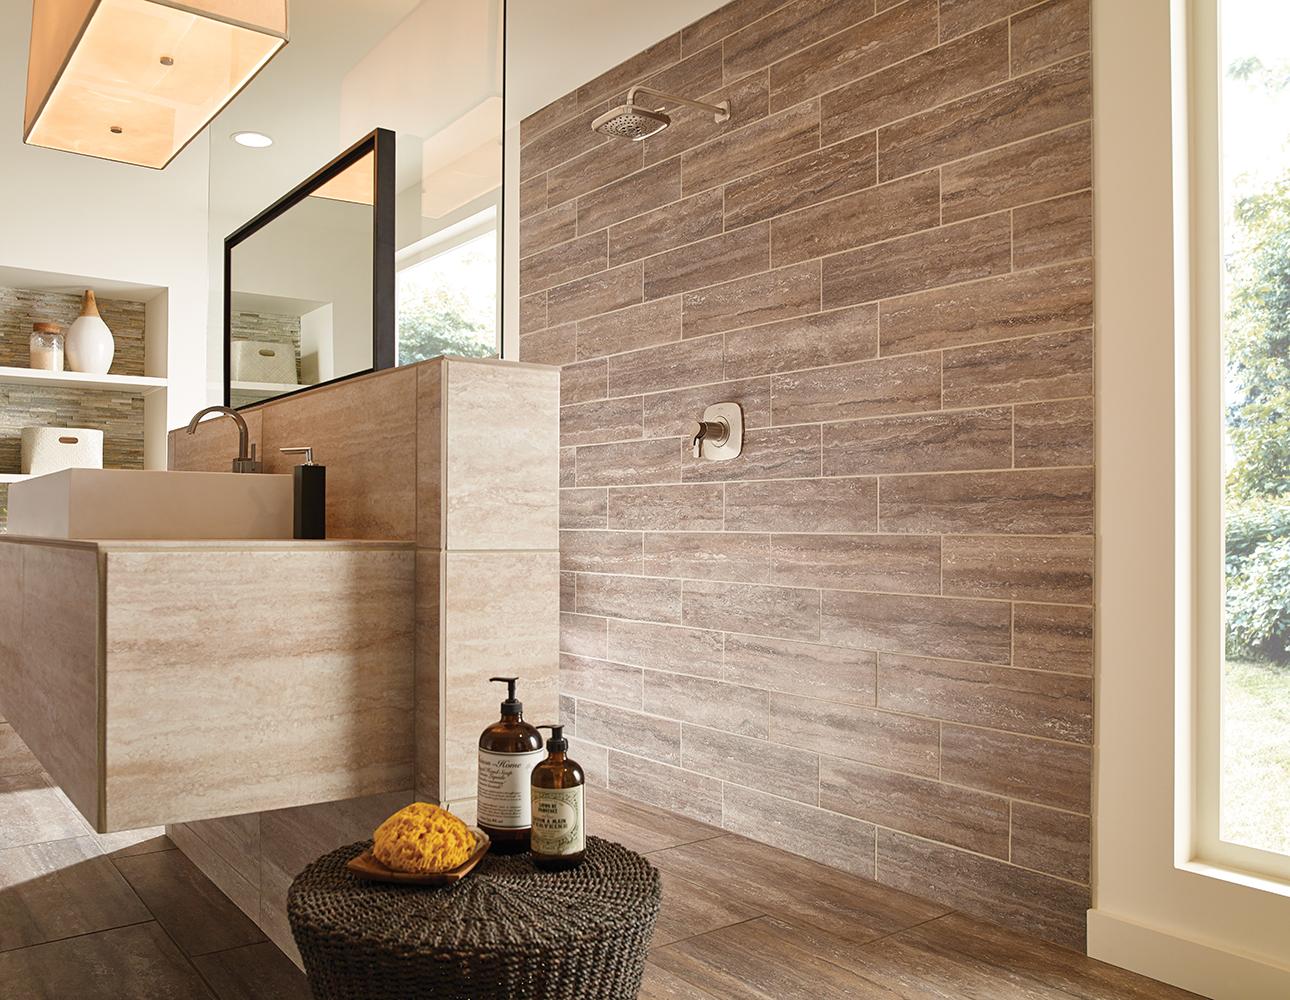 Bathroom 0095 Detail A